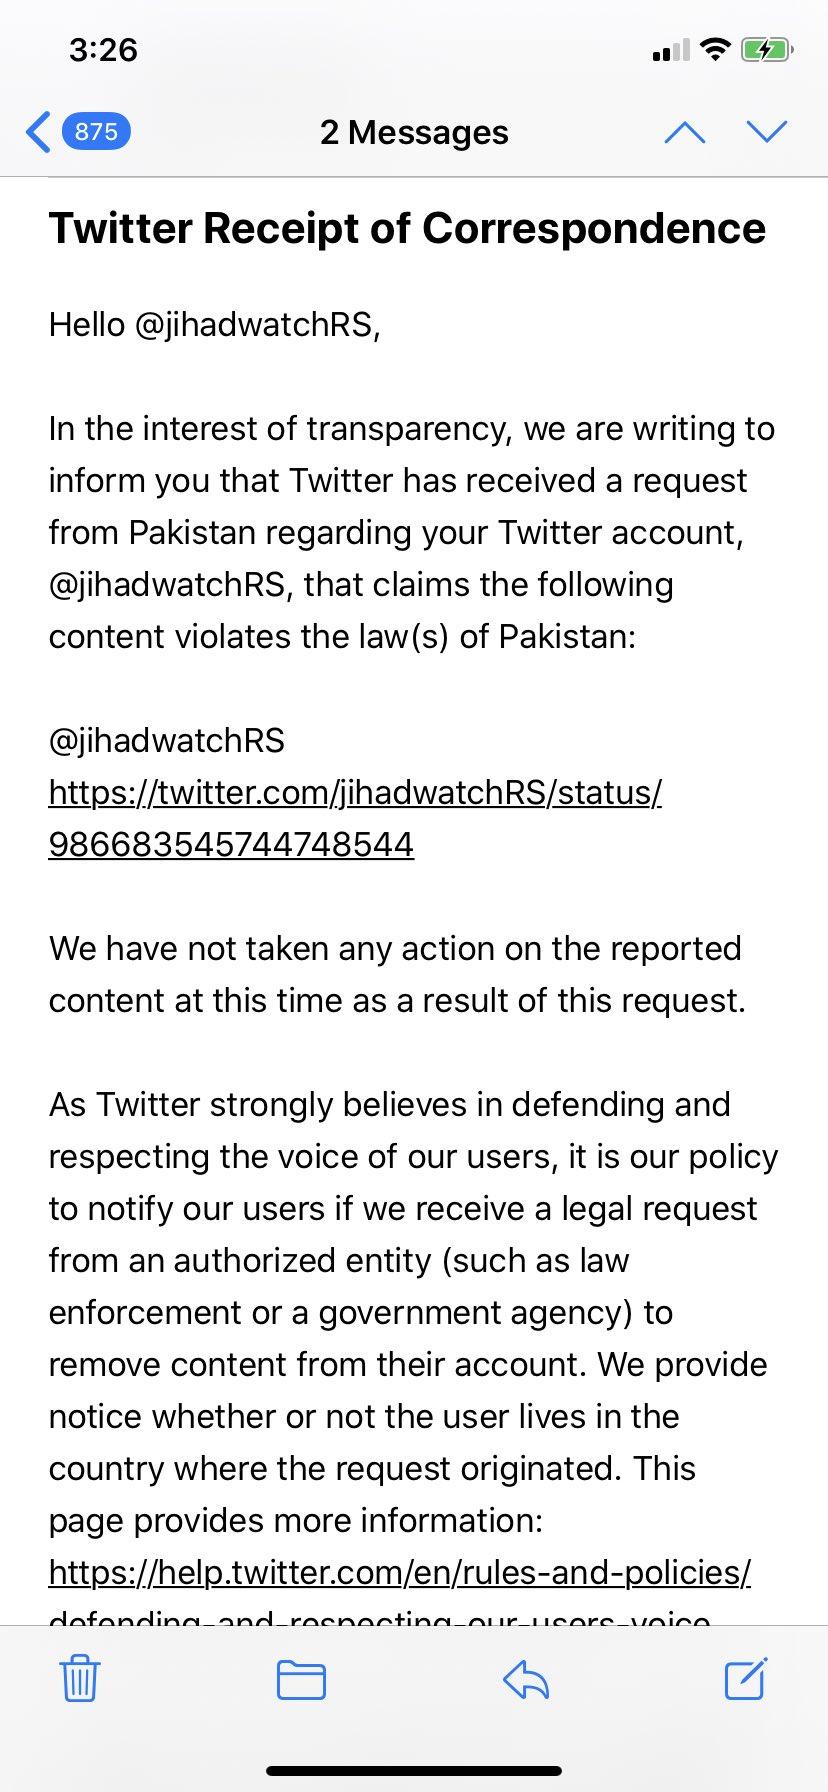 https://www.jihadwatch.org/wp-content/uploads/2020/09/twitter-laws-of-pakistan.jpg